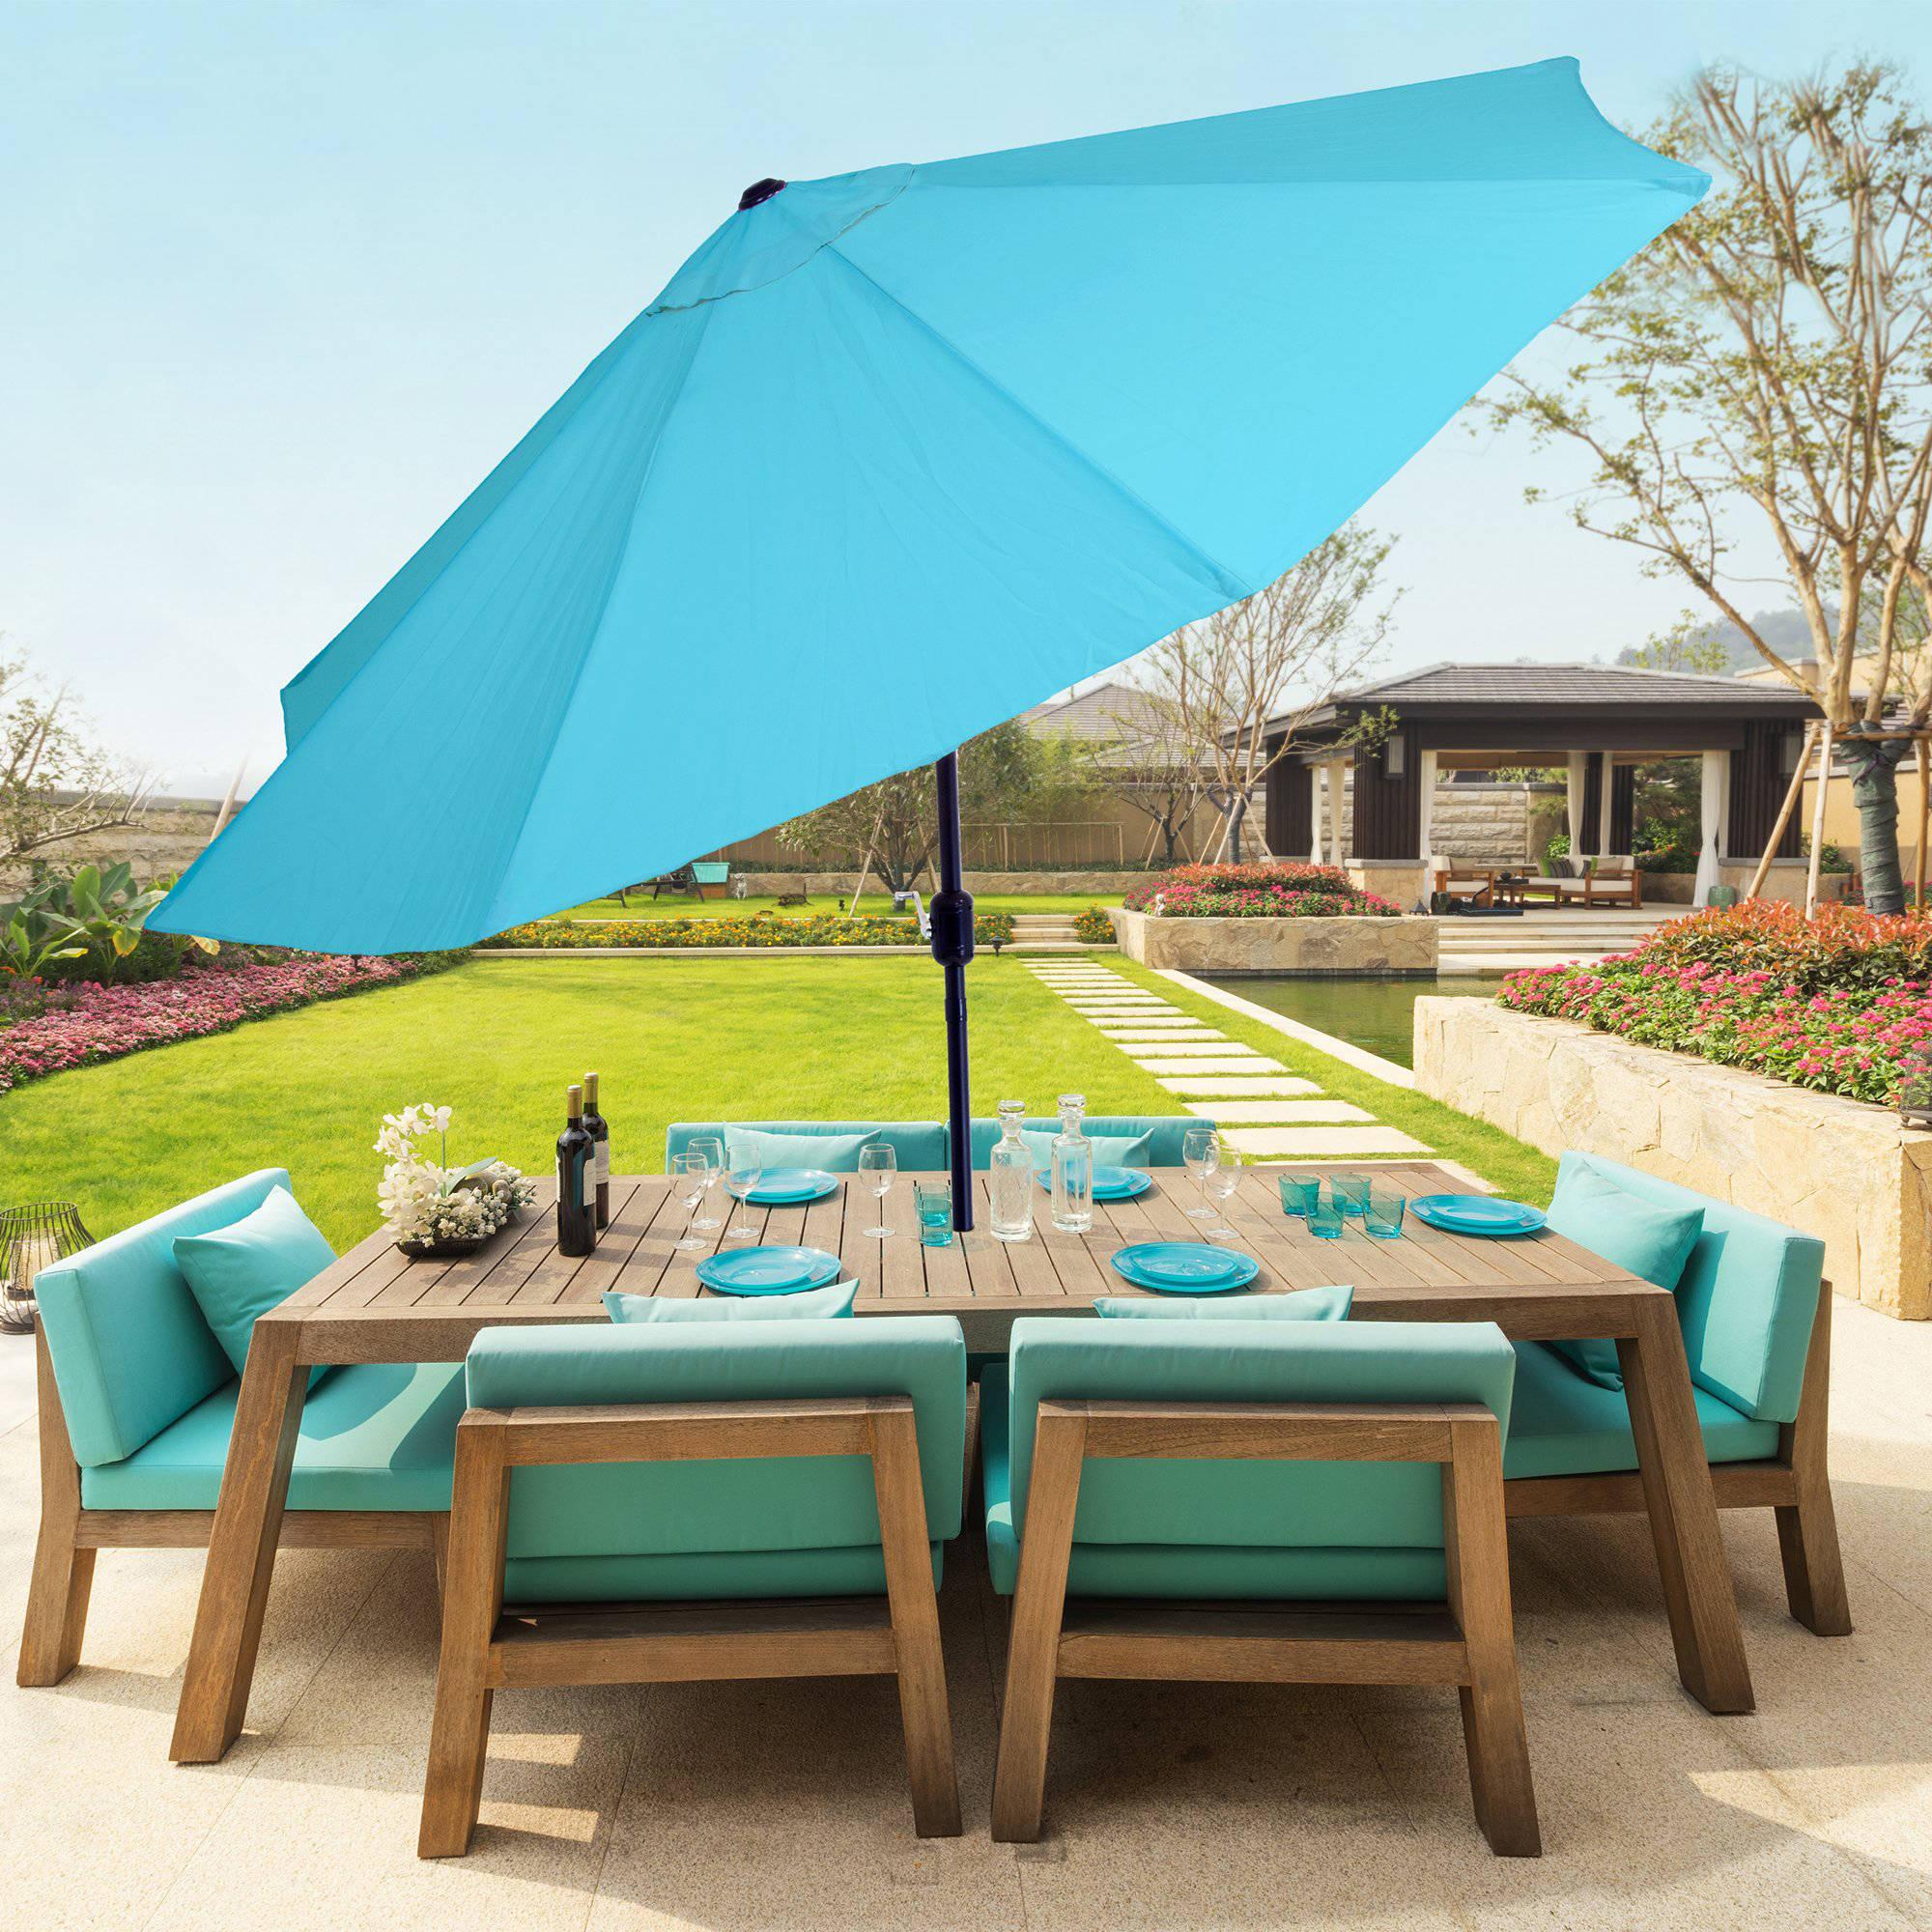 Pure Garden 10 Aluminum Patio Umbrella with Auto Tilt